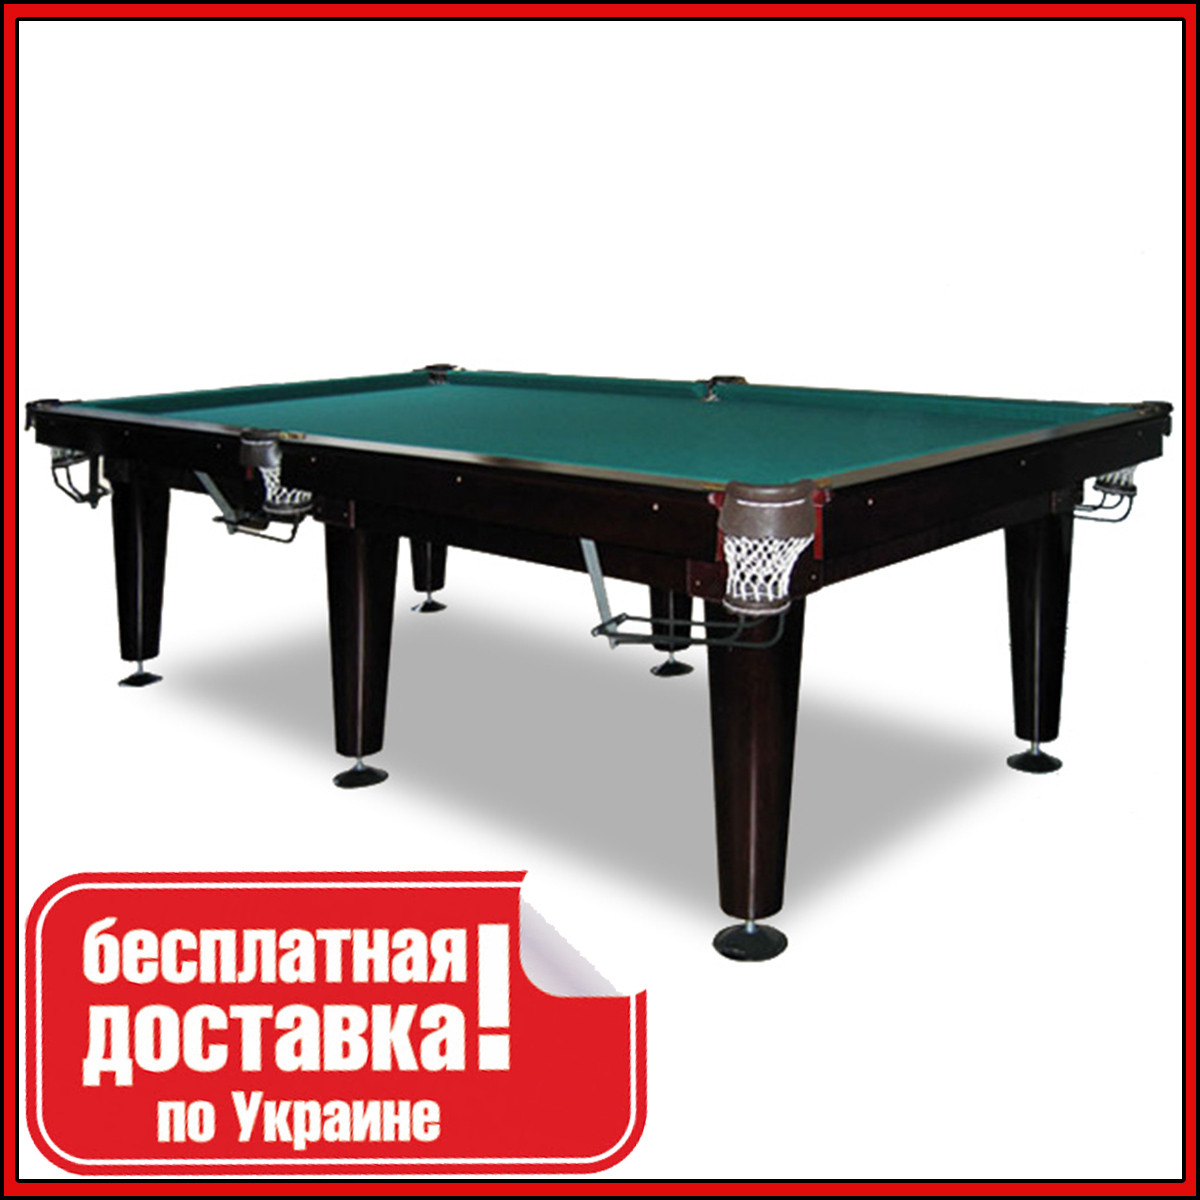 Більярдний стіл для пулу КЛАСИК 11 футів ЛДСП 3.2 м х 1.6 м з натурального дерева